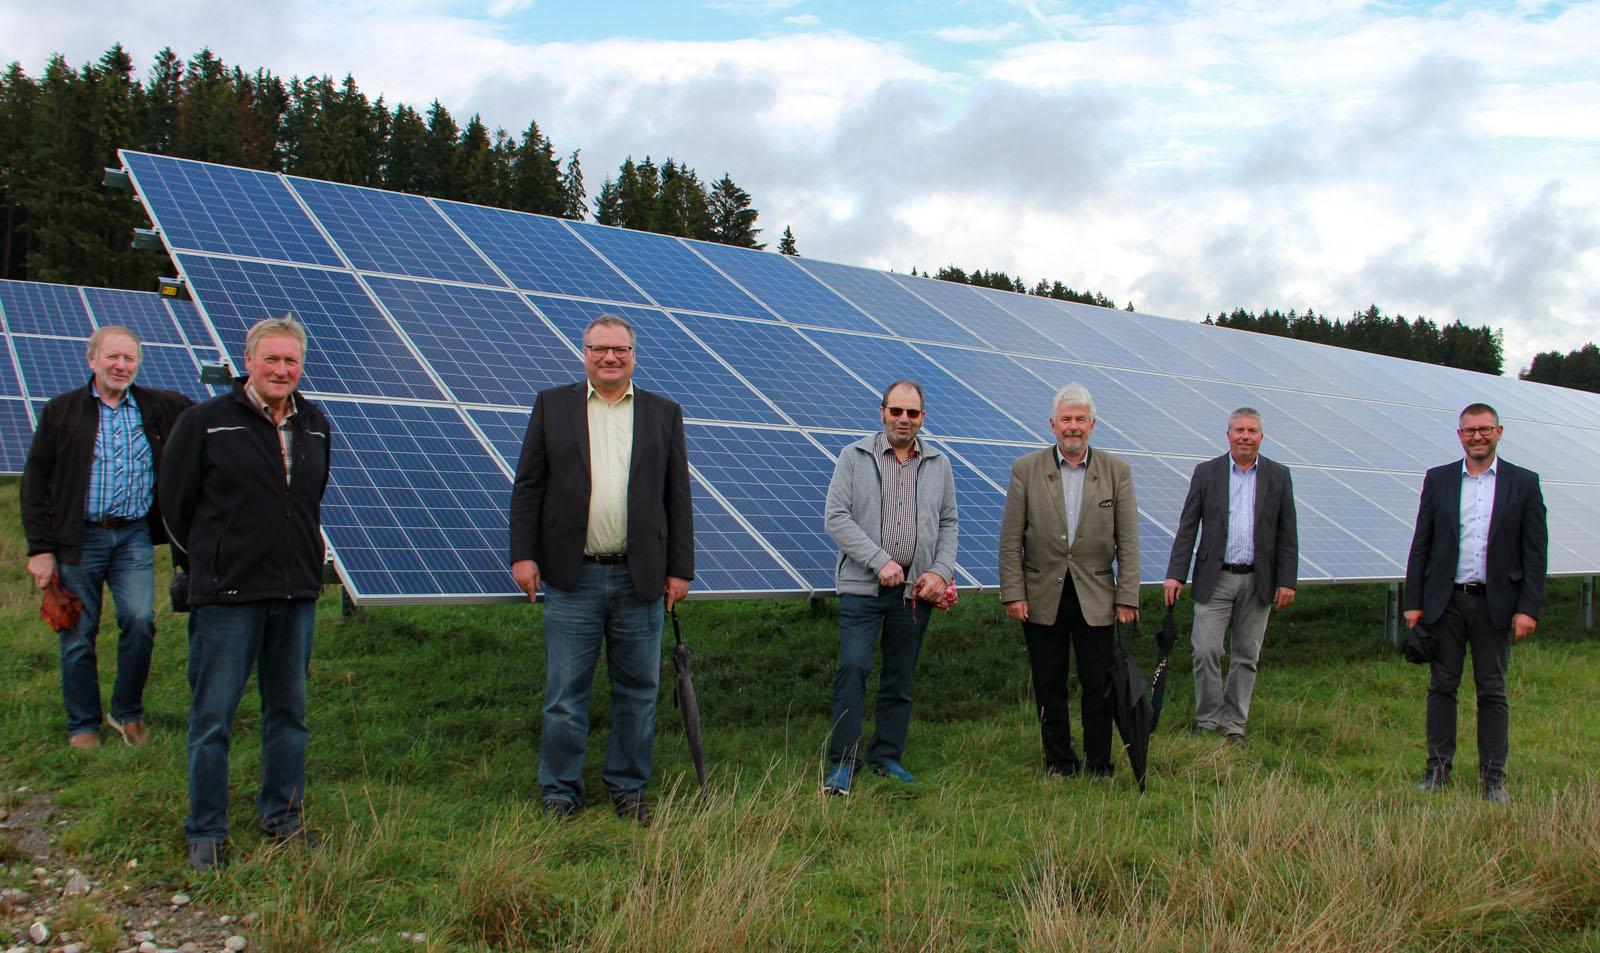 Besichtigung der großen Freiflächen-Anlage: Schwabsoien gewinnt den ersten Platz beim Solarstrompreis 2019